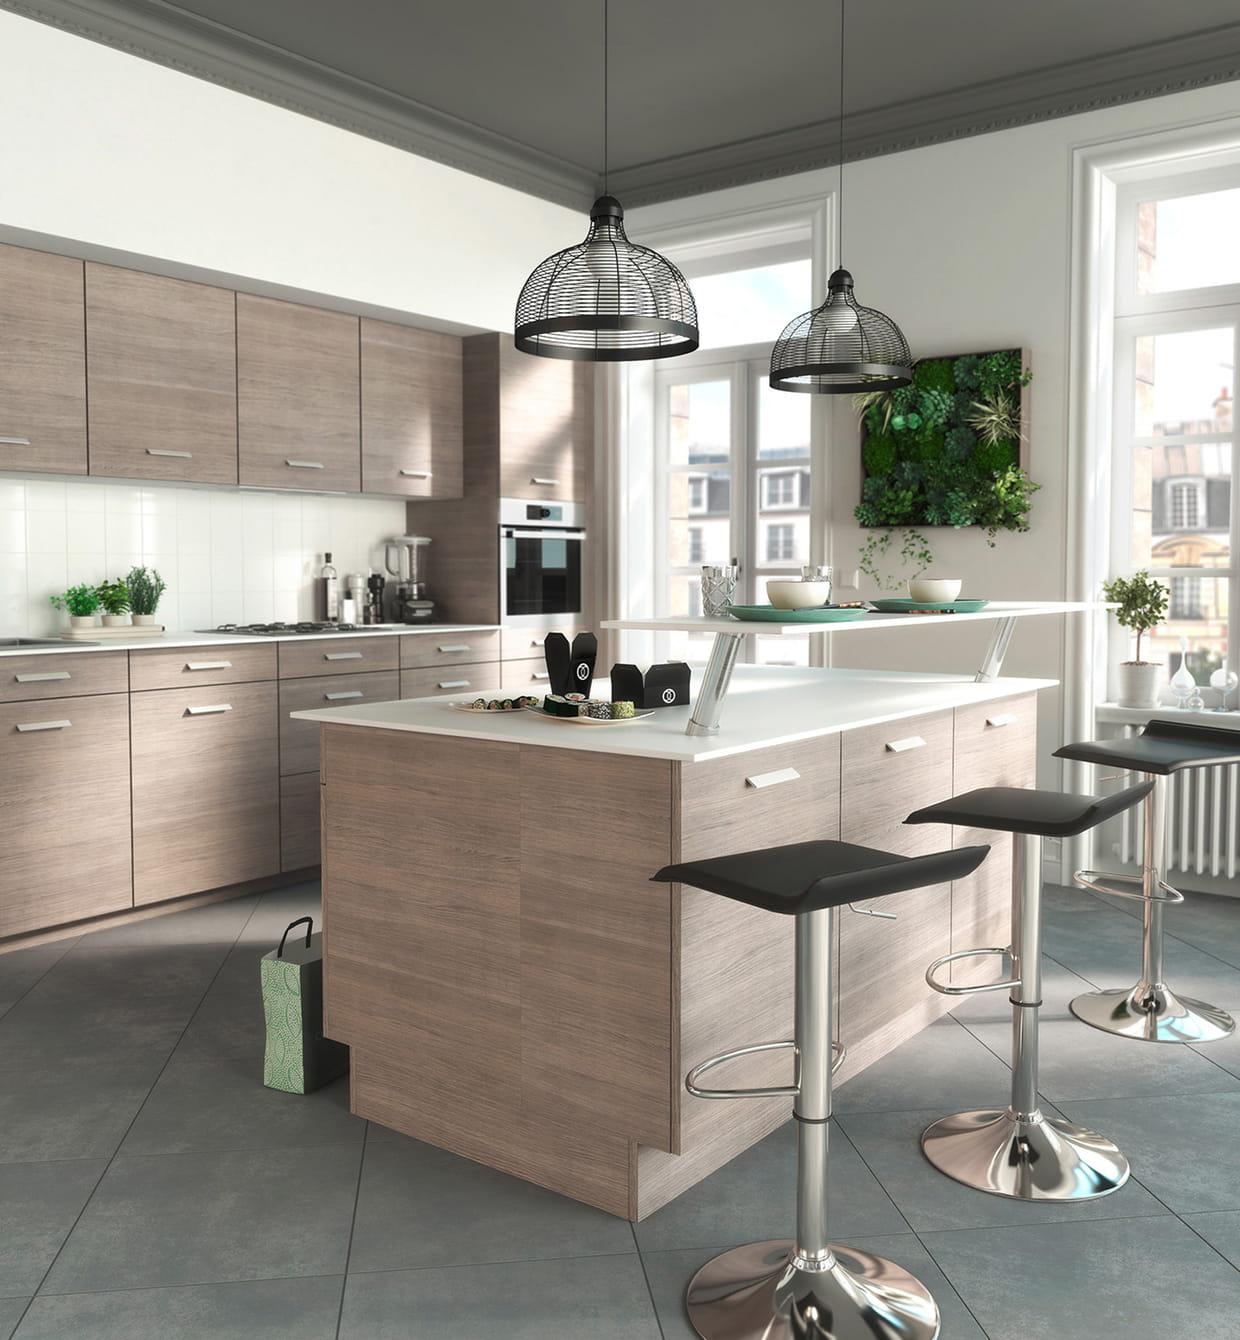 cuisine unik cooke lewis de castorama. Black Bedroom Furniture Sets. Home Design Ideas